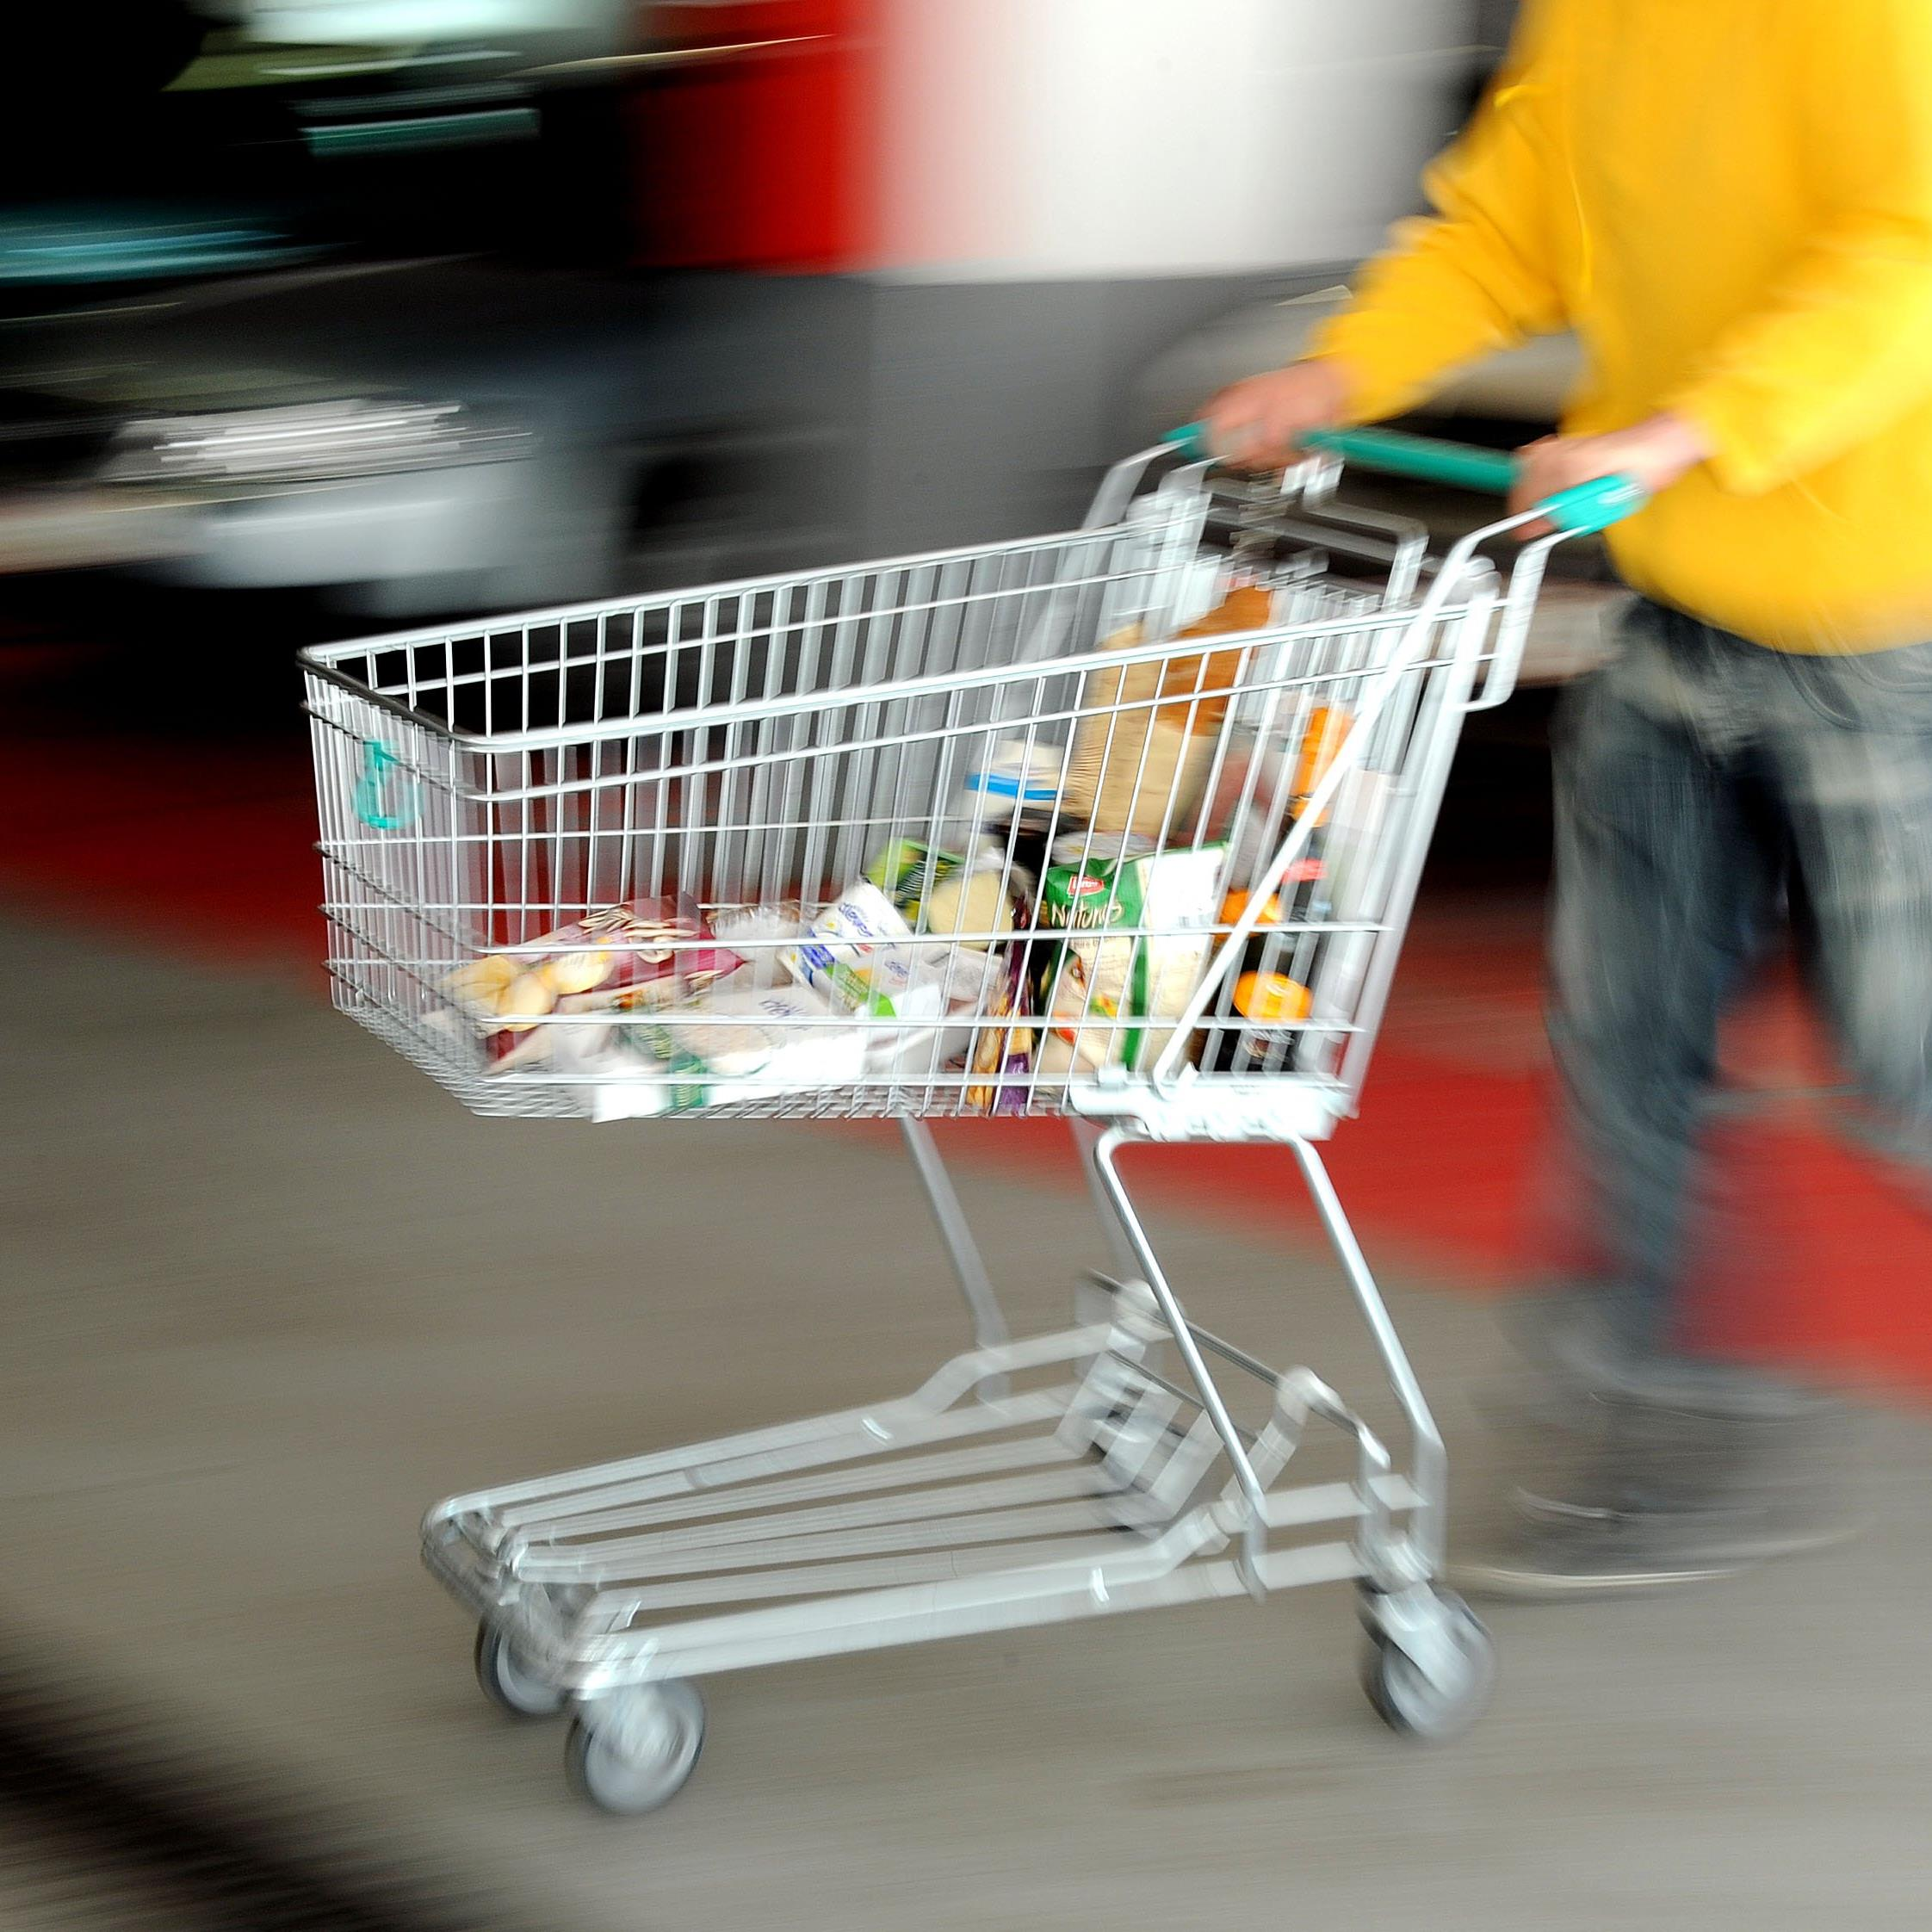 Der Warenkorb des täglichen Einkaufs wurde durch die Inflation teuer